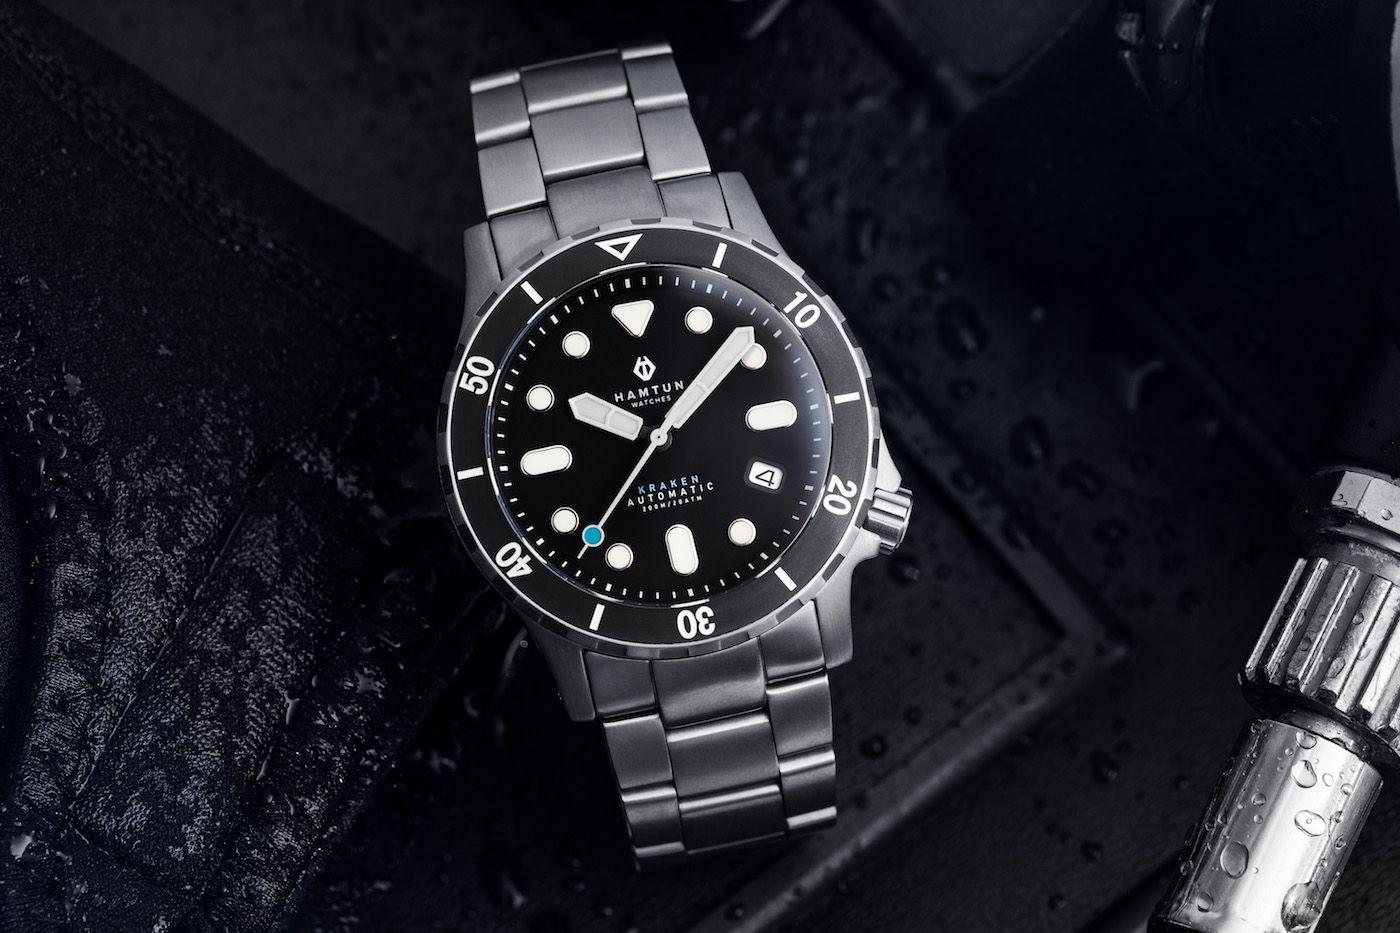 Hamtun Kraken H2 Watch Review Ablogtowatch Watch Review Watches For Men Watches